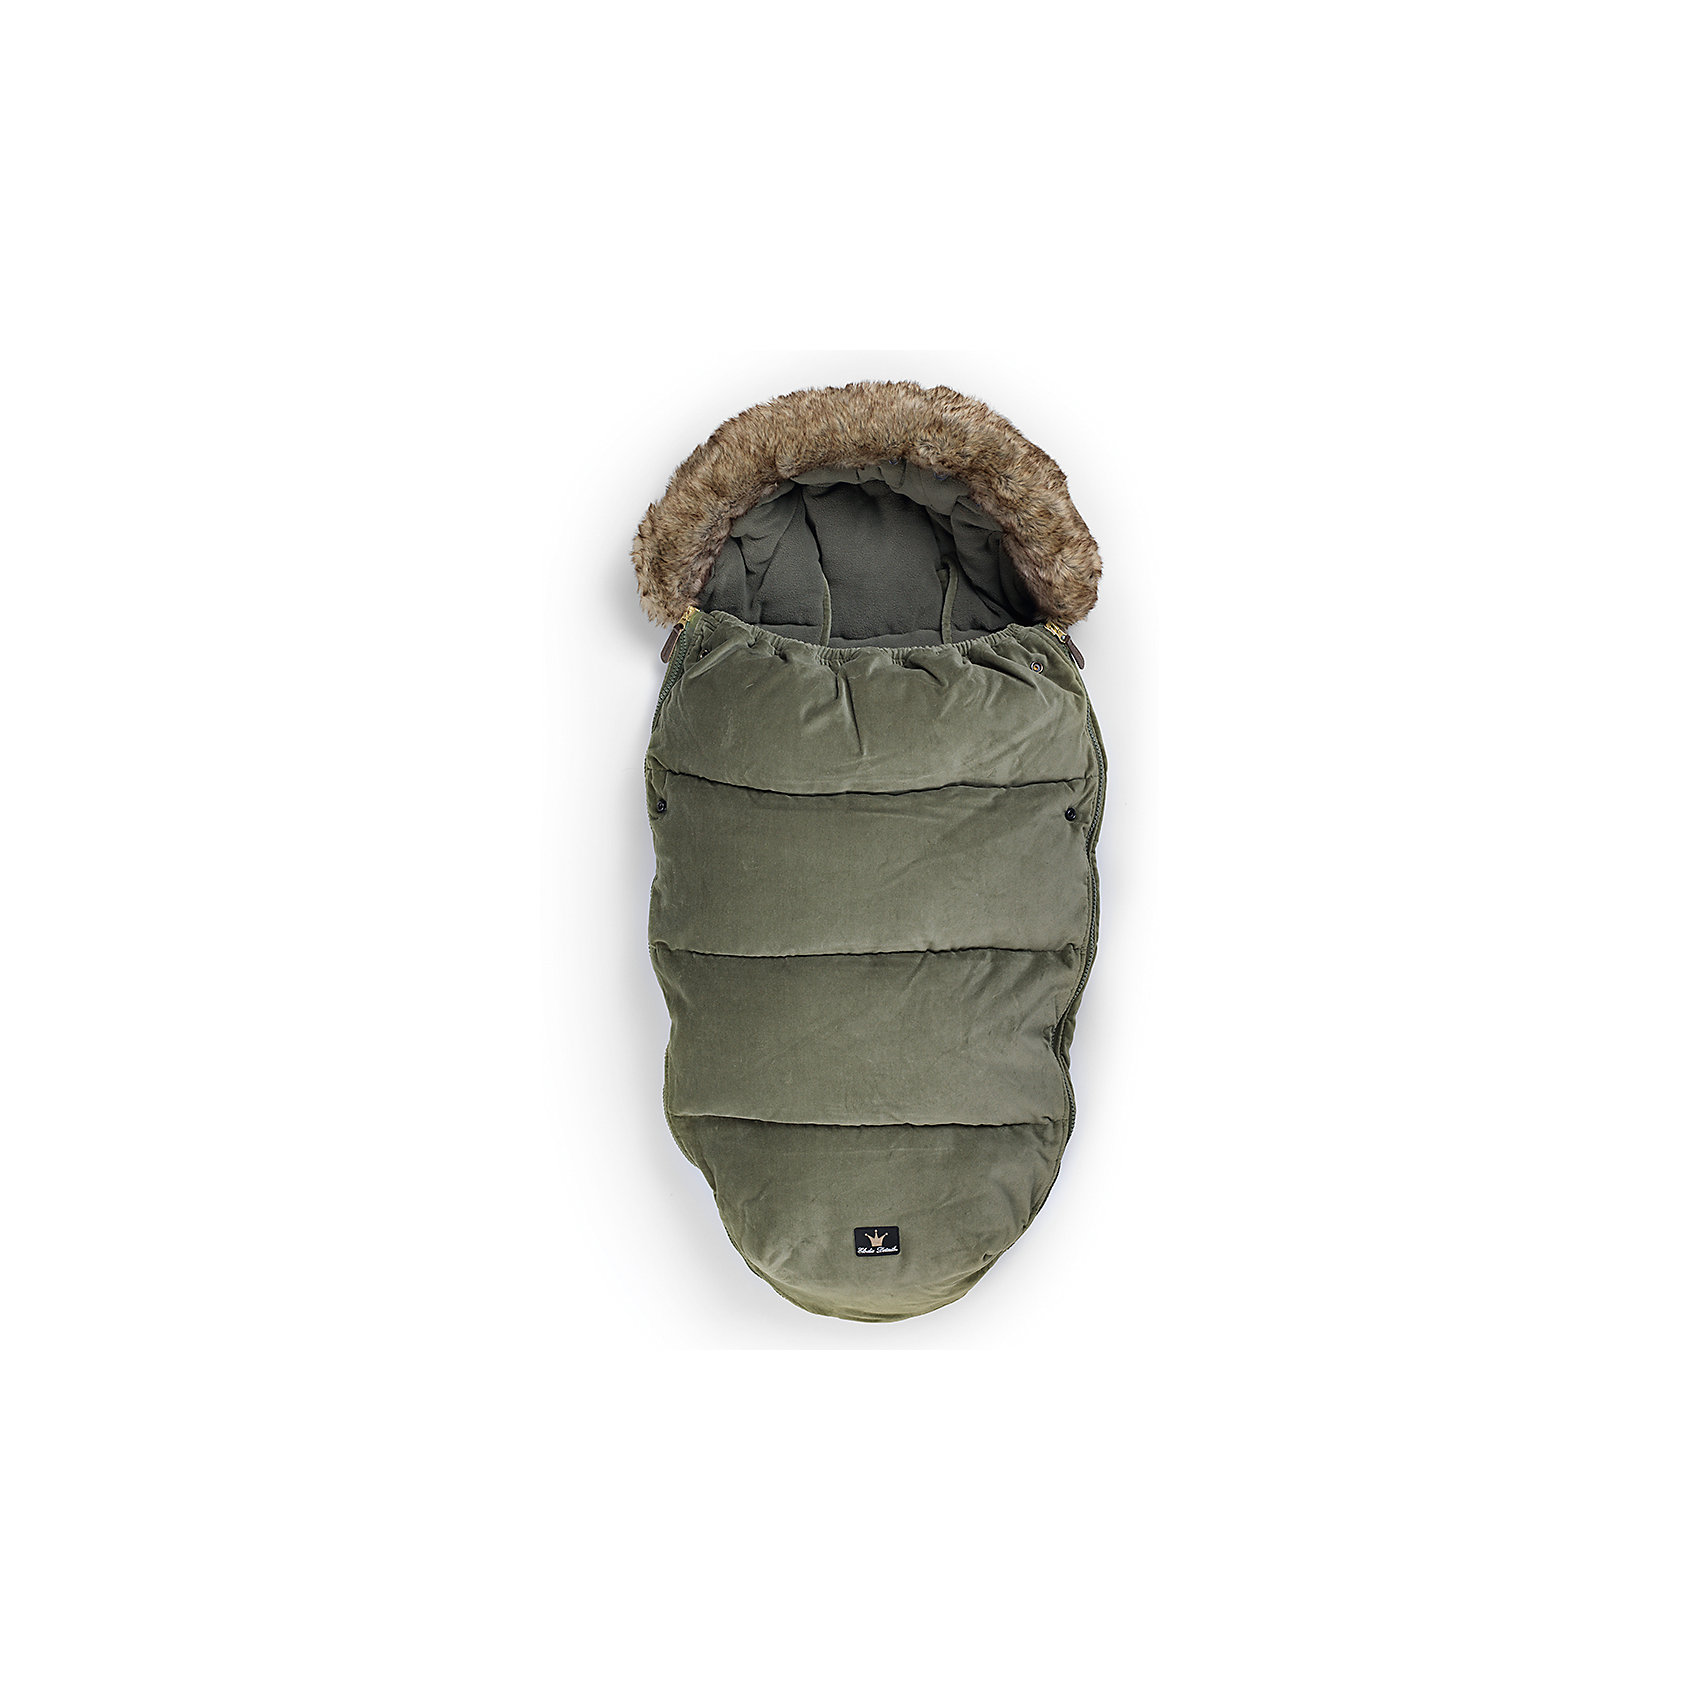 Конверт зимний с опушкой в коляску Woodland Green, Elodie DetailsЗимние конверты<br>Конверт зимний с опушкой в коляску Woodland Green, Elodie Details.<br><br>Характеристики:<br><br>• Сезон: зима для температуры до -25 °C<br>• Цвет: бархатно-зеленый оттенок.<br>• Материал верха: 60% вискоза, 40% полиуретан.<br>• Утеплитель: холлофайбер.<br>• Материал подклада: флис.<br>• Оторочка из искусственного меха Colar.<br>• Тип застежки: молния.<br><br>Размер:<br>- длина 110см;<br>- ширина 53см.<br><br>Конверт зимний с опушкой в коляску Woodland Green, Elodie Details –это новинка от шведского бренда Elodie Details. Теплый, легкий и удобный, он обеспечит вашему малышу оптимальный комфорт и тепло. Покрытие конверта изготовлено по новейшей технологии BIONIC-FINISH® ECO, благодаря чему надежно защищено от ветра, влаги и снега. Этот зимний конверт подходит к любому типу колясок. Верхняя часть конверта оторочена  искусственным мехом и может использоваться, как капюшон. Ножки ребенка остаются не зафиксированными. В качестве наполнителя в конверте использован  холлофайбер — инновационный, экологически чистый и гипоаллергенный материал, который обеспечивает качественное сохранение тепла. В конверте предусмотрены отверстия для 5-точечных ремней безопасности. Конверт зимний с опушкой в коляску Woodland Green, Elodie Details не требует специального ухода, его можно стирать в стиральной машине, используя указанный режим.<br>Зимние прогулки в таком конверте могут быть длительными и приятными!<br><br><br>Конверт зимний с опушкой в коляску Woodland Green, Elodie Details, можно купить в нашем интернет - магазине.<br><br>Ширина мм: 1100<br>Глубина мм: 530<br>Высота мм: 60<br>Вес г: 900<br>Возраст от месяцев: 0<br>Возраст до месяцев: 24<br>Пол: Унисекс<br>Возраст: Детский<br>SKU: 5077474